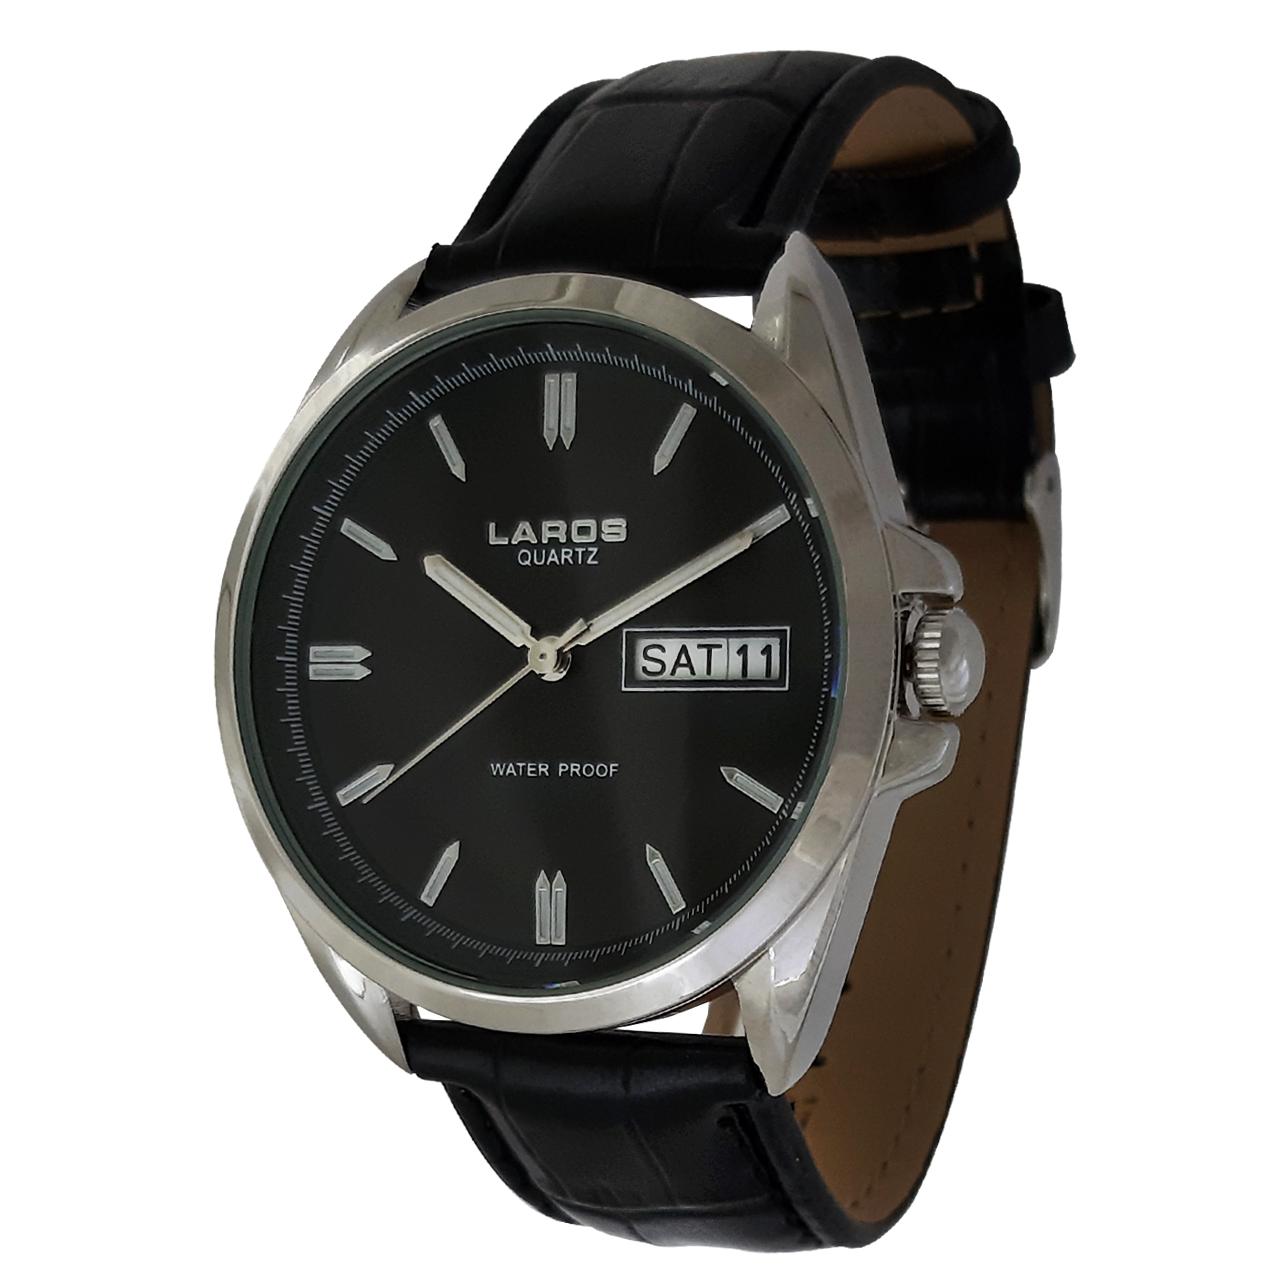 ساعت مچی عقربه ای مردانه لاروس مدل 0917-80089-42-s-dd به همراه دستمال مخصوص برند کلین واچ 36